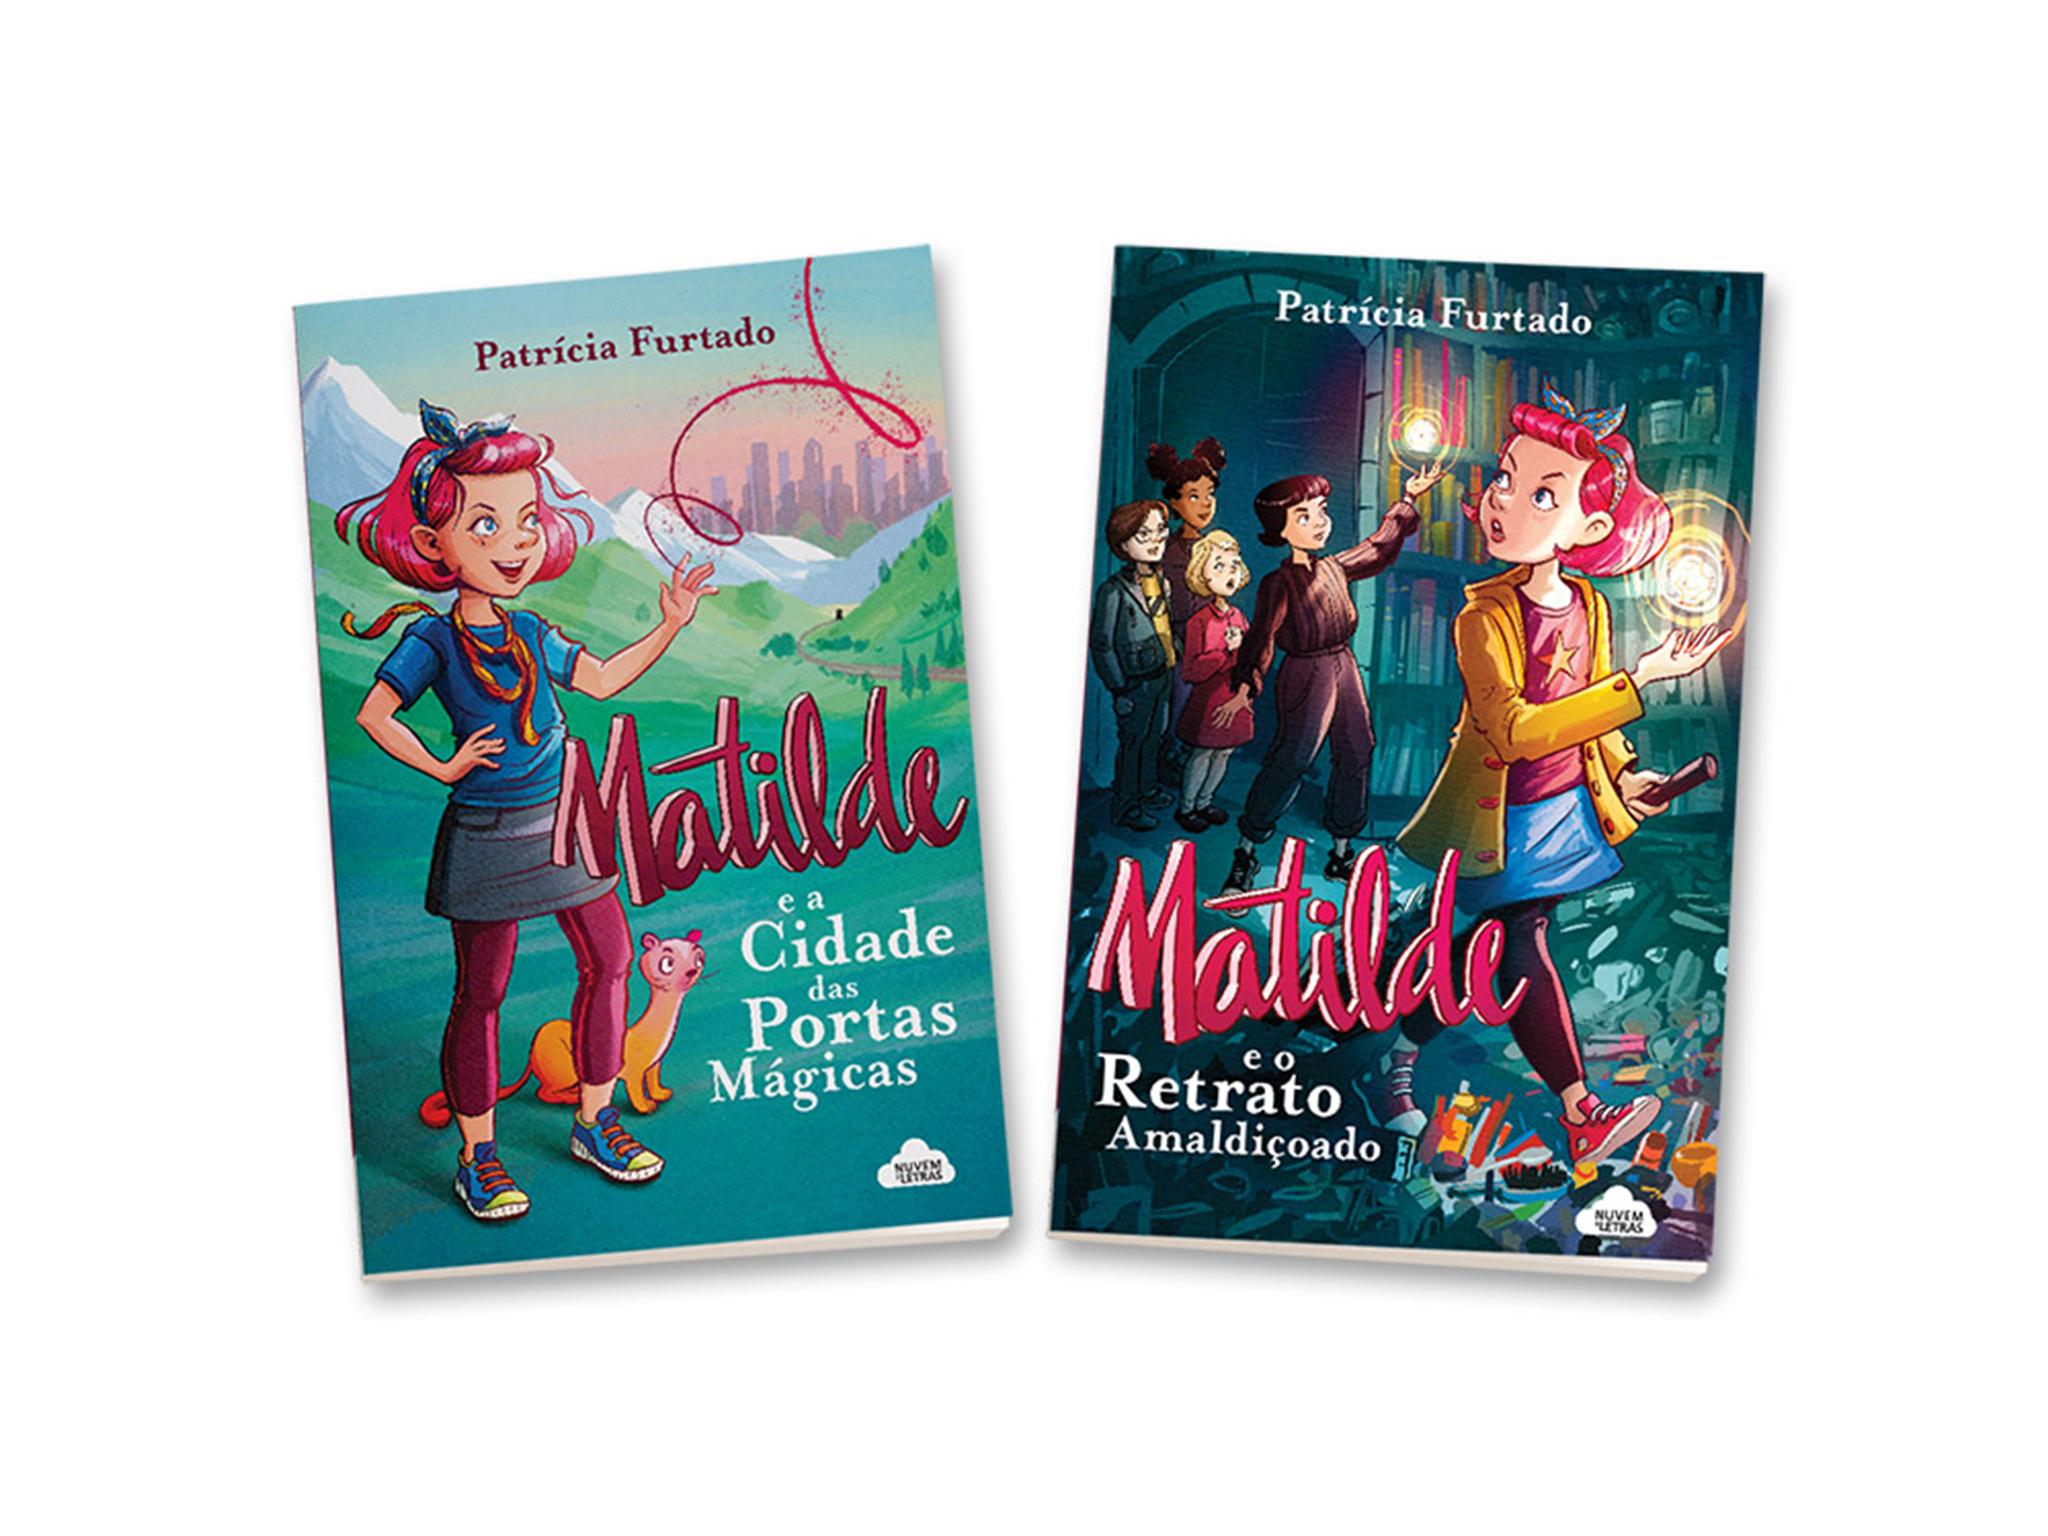 Livro, Matilde e a cidade das portas mágicas, Patrícia Furtado